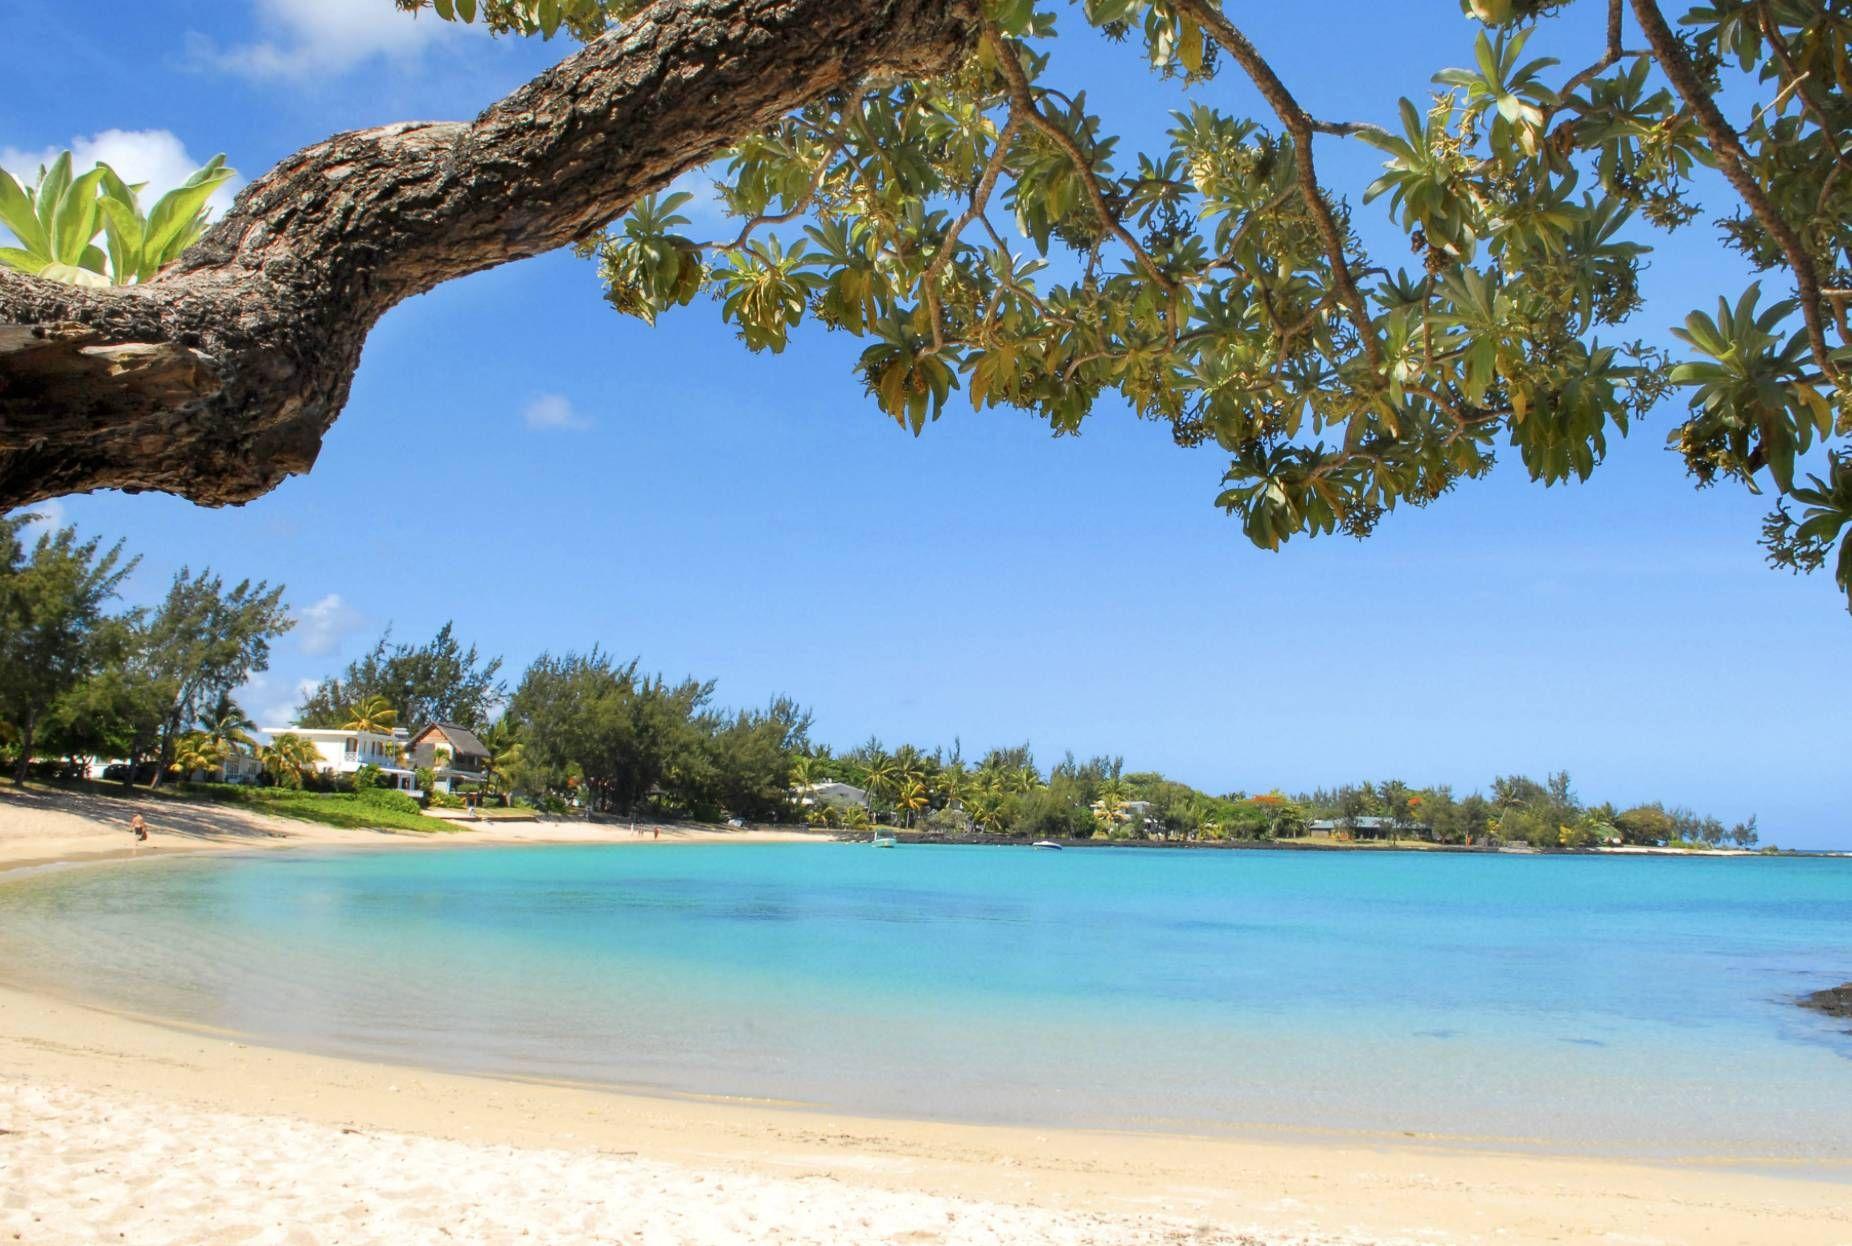 Emita duas passagens para as Ilhas Maurício em classe executiva por 134.000 pontos NO TOTAL (ida e volta)